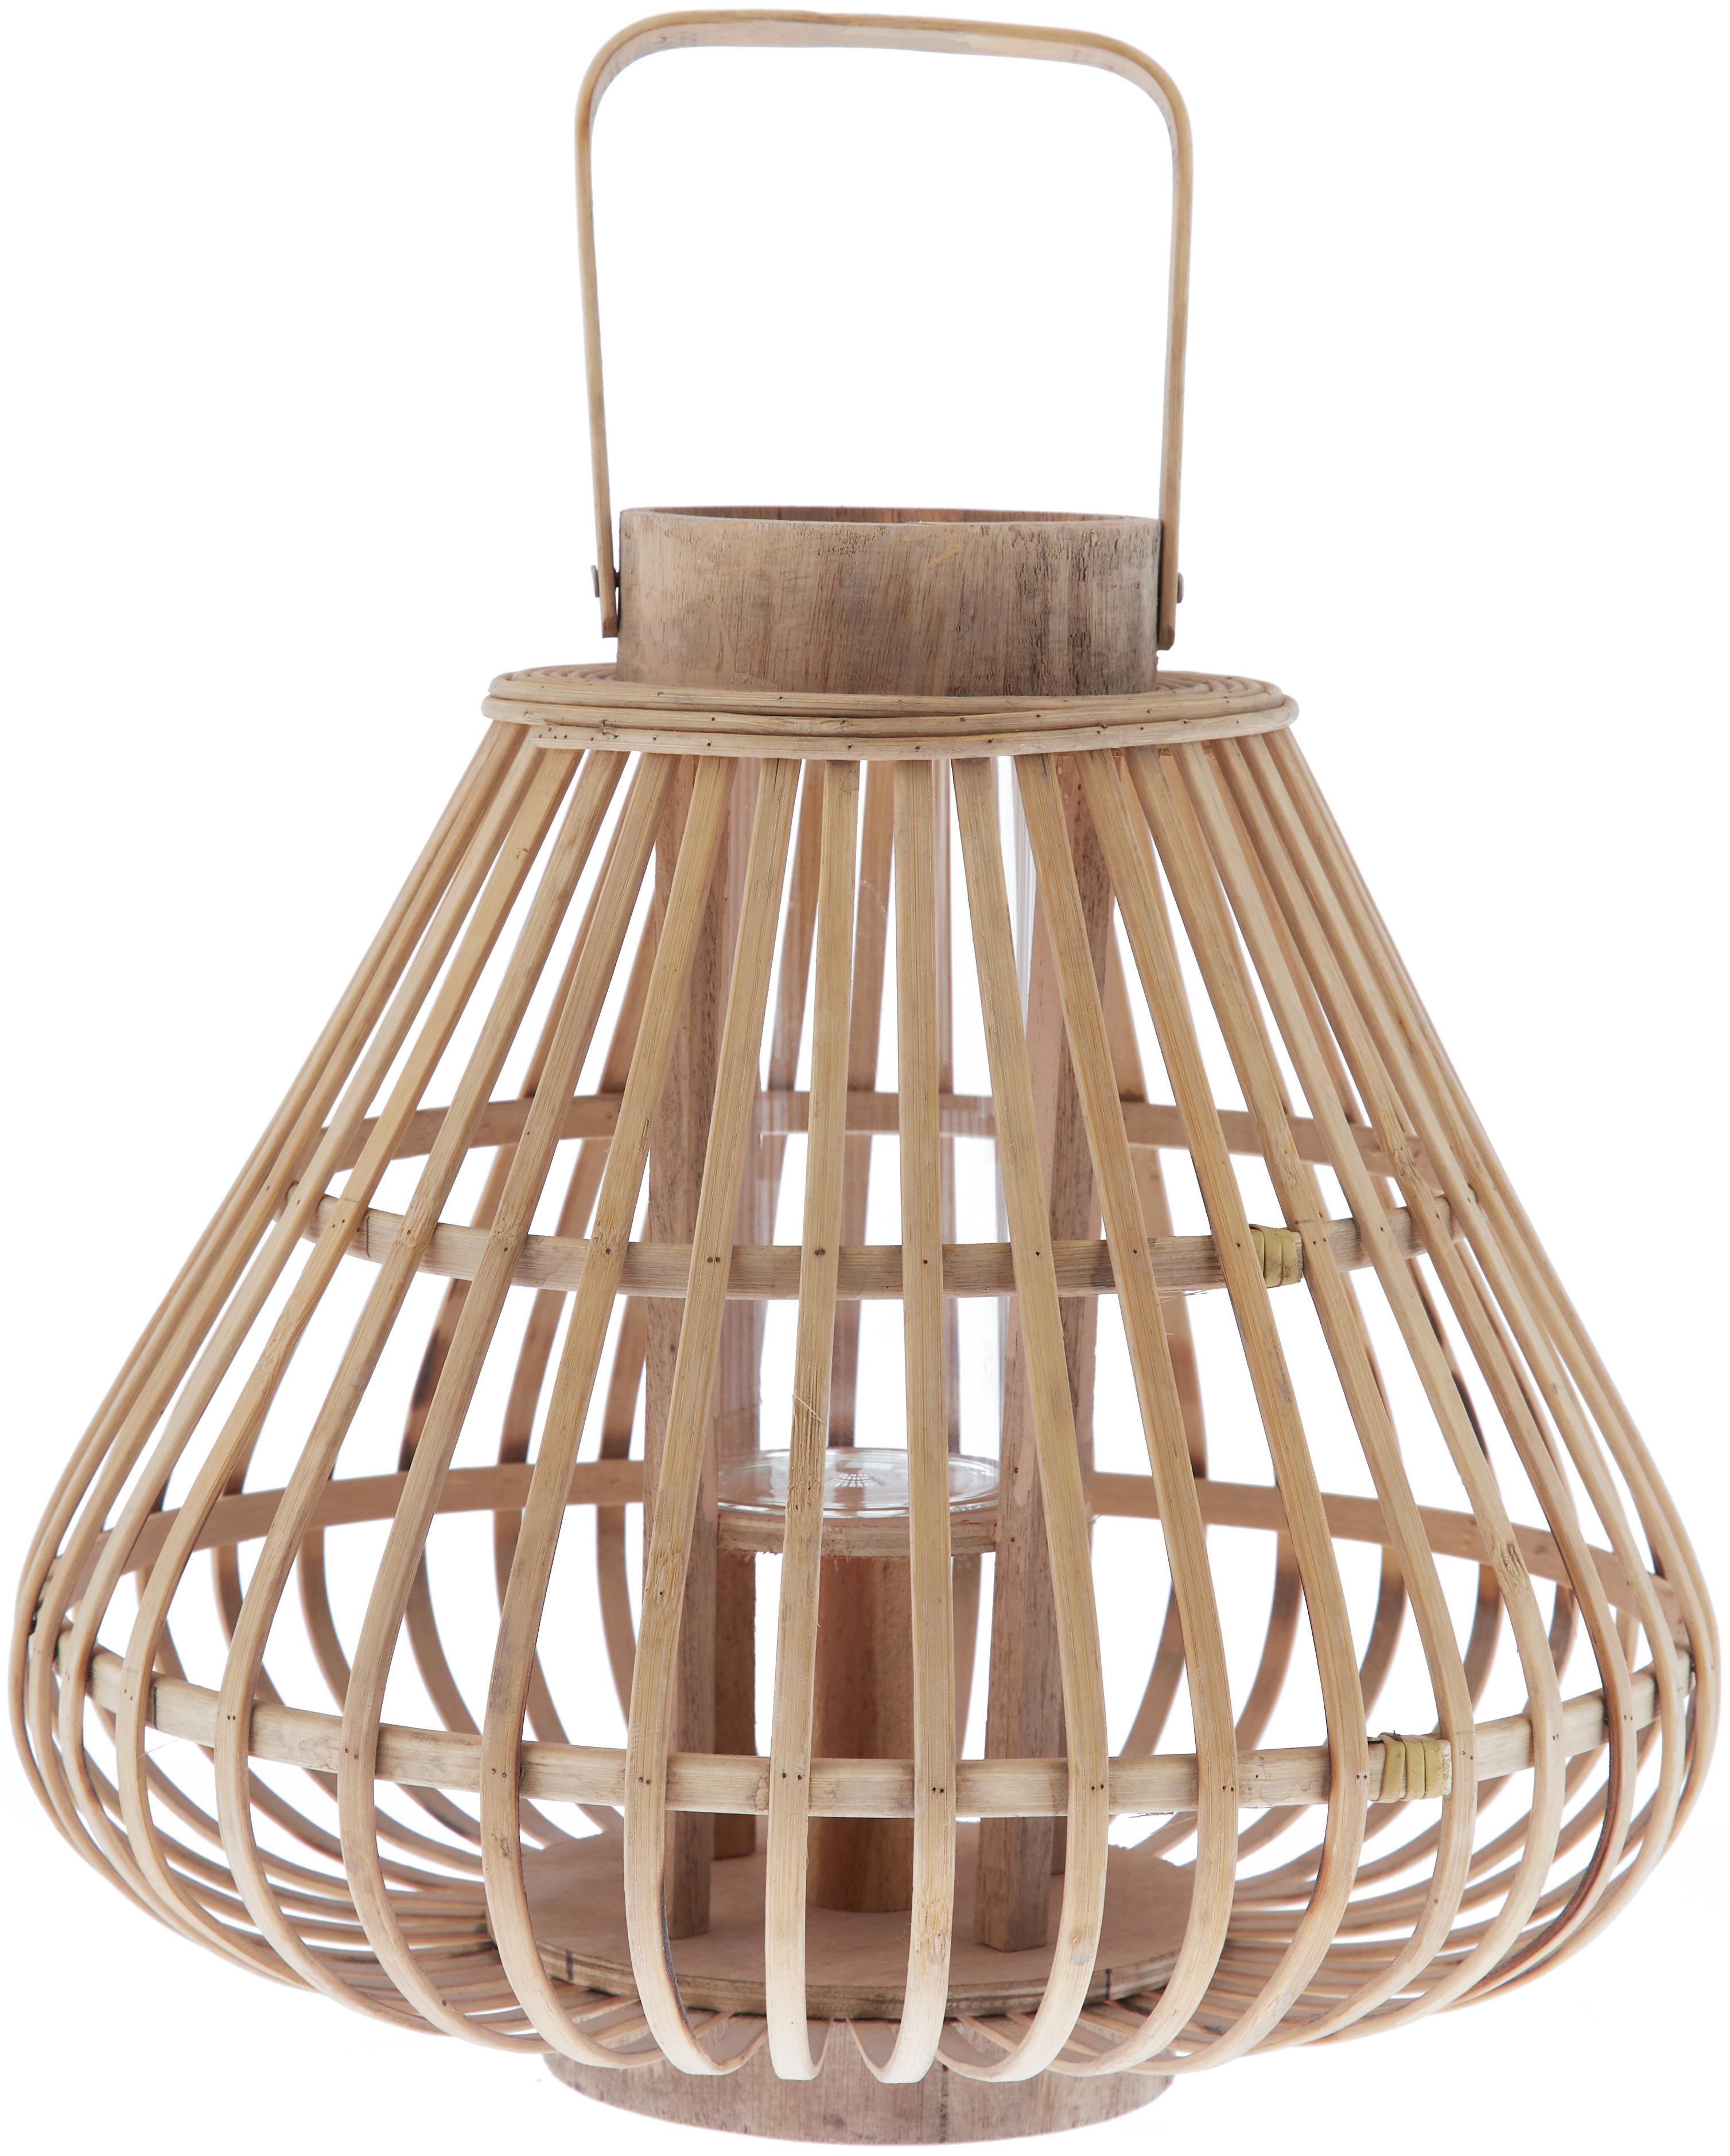 Farolillo Sahara, Bambú, Bambú, transparente, Ø 32 x Al 28 cm